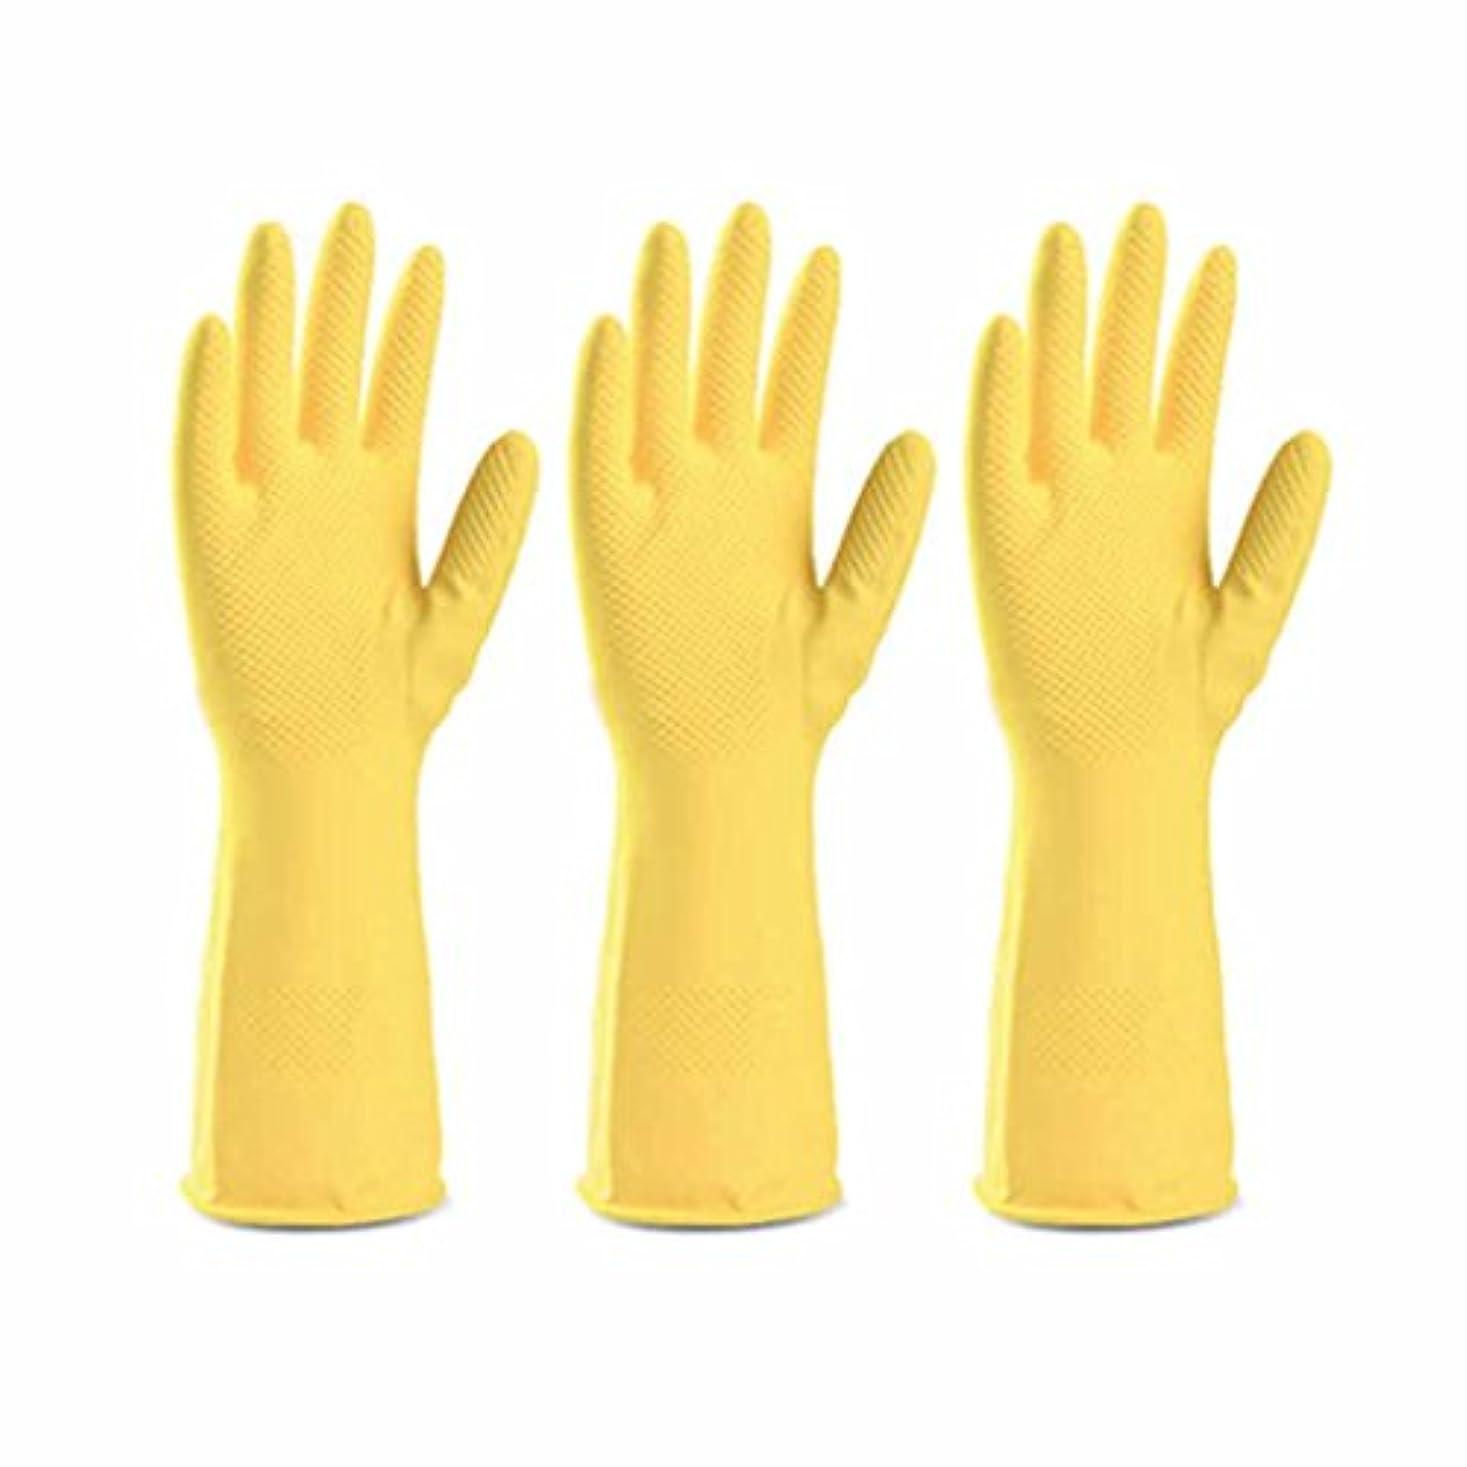 懺悔骨髄アイスクリーム使い捨て手袋 イエローラテックスノンスリップ耐久手袋キッチン多機能防水、オイル手袋 (Size : Three pairs)